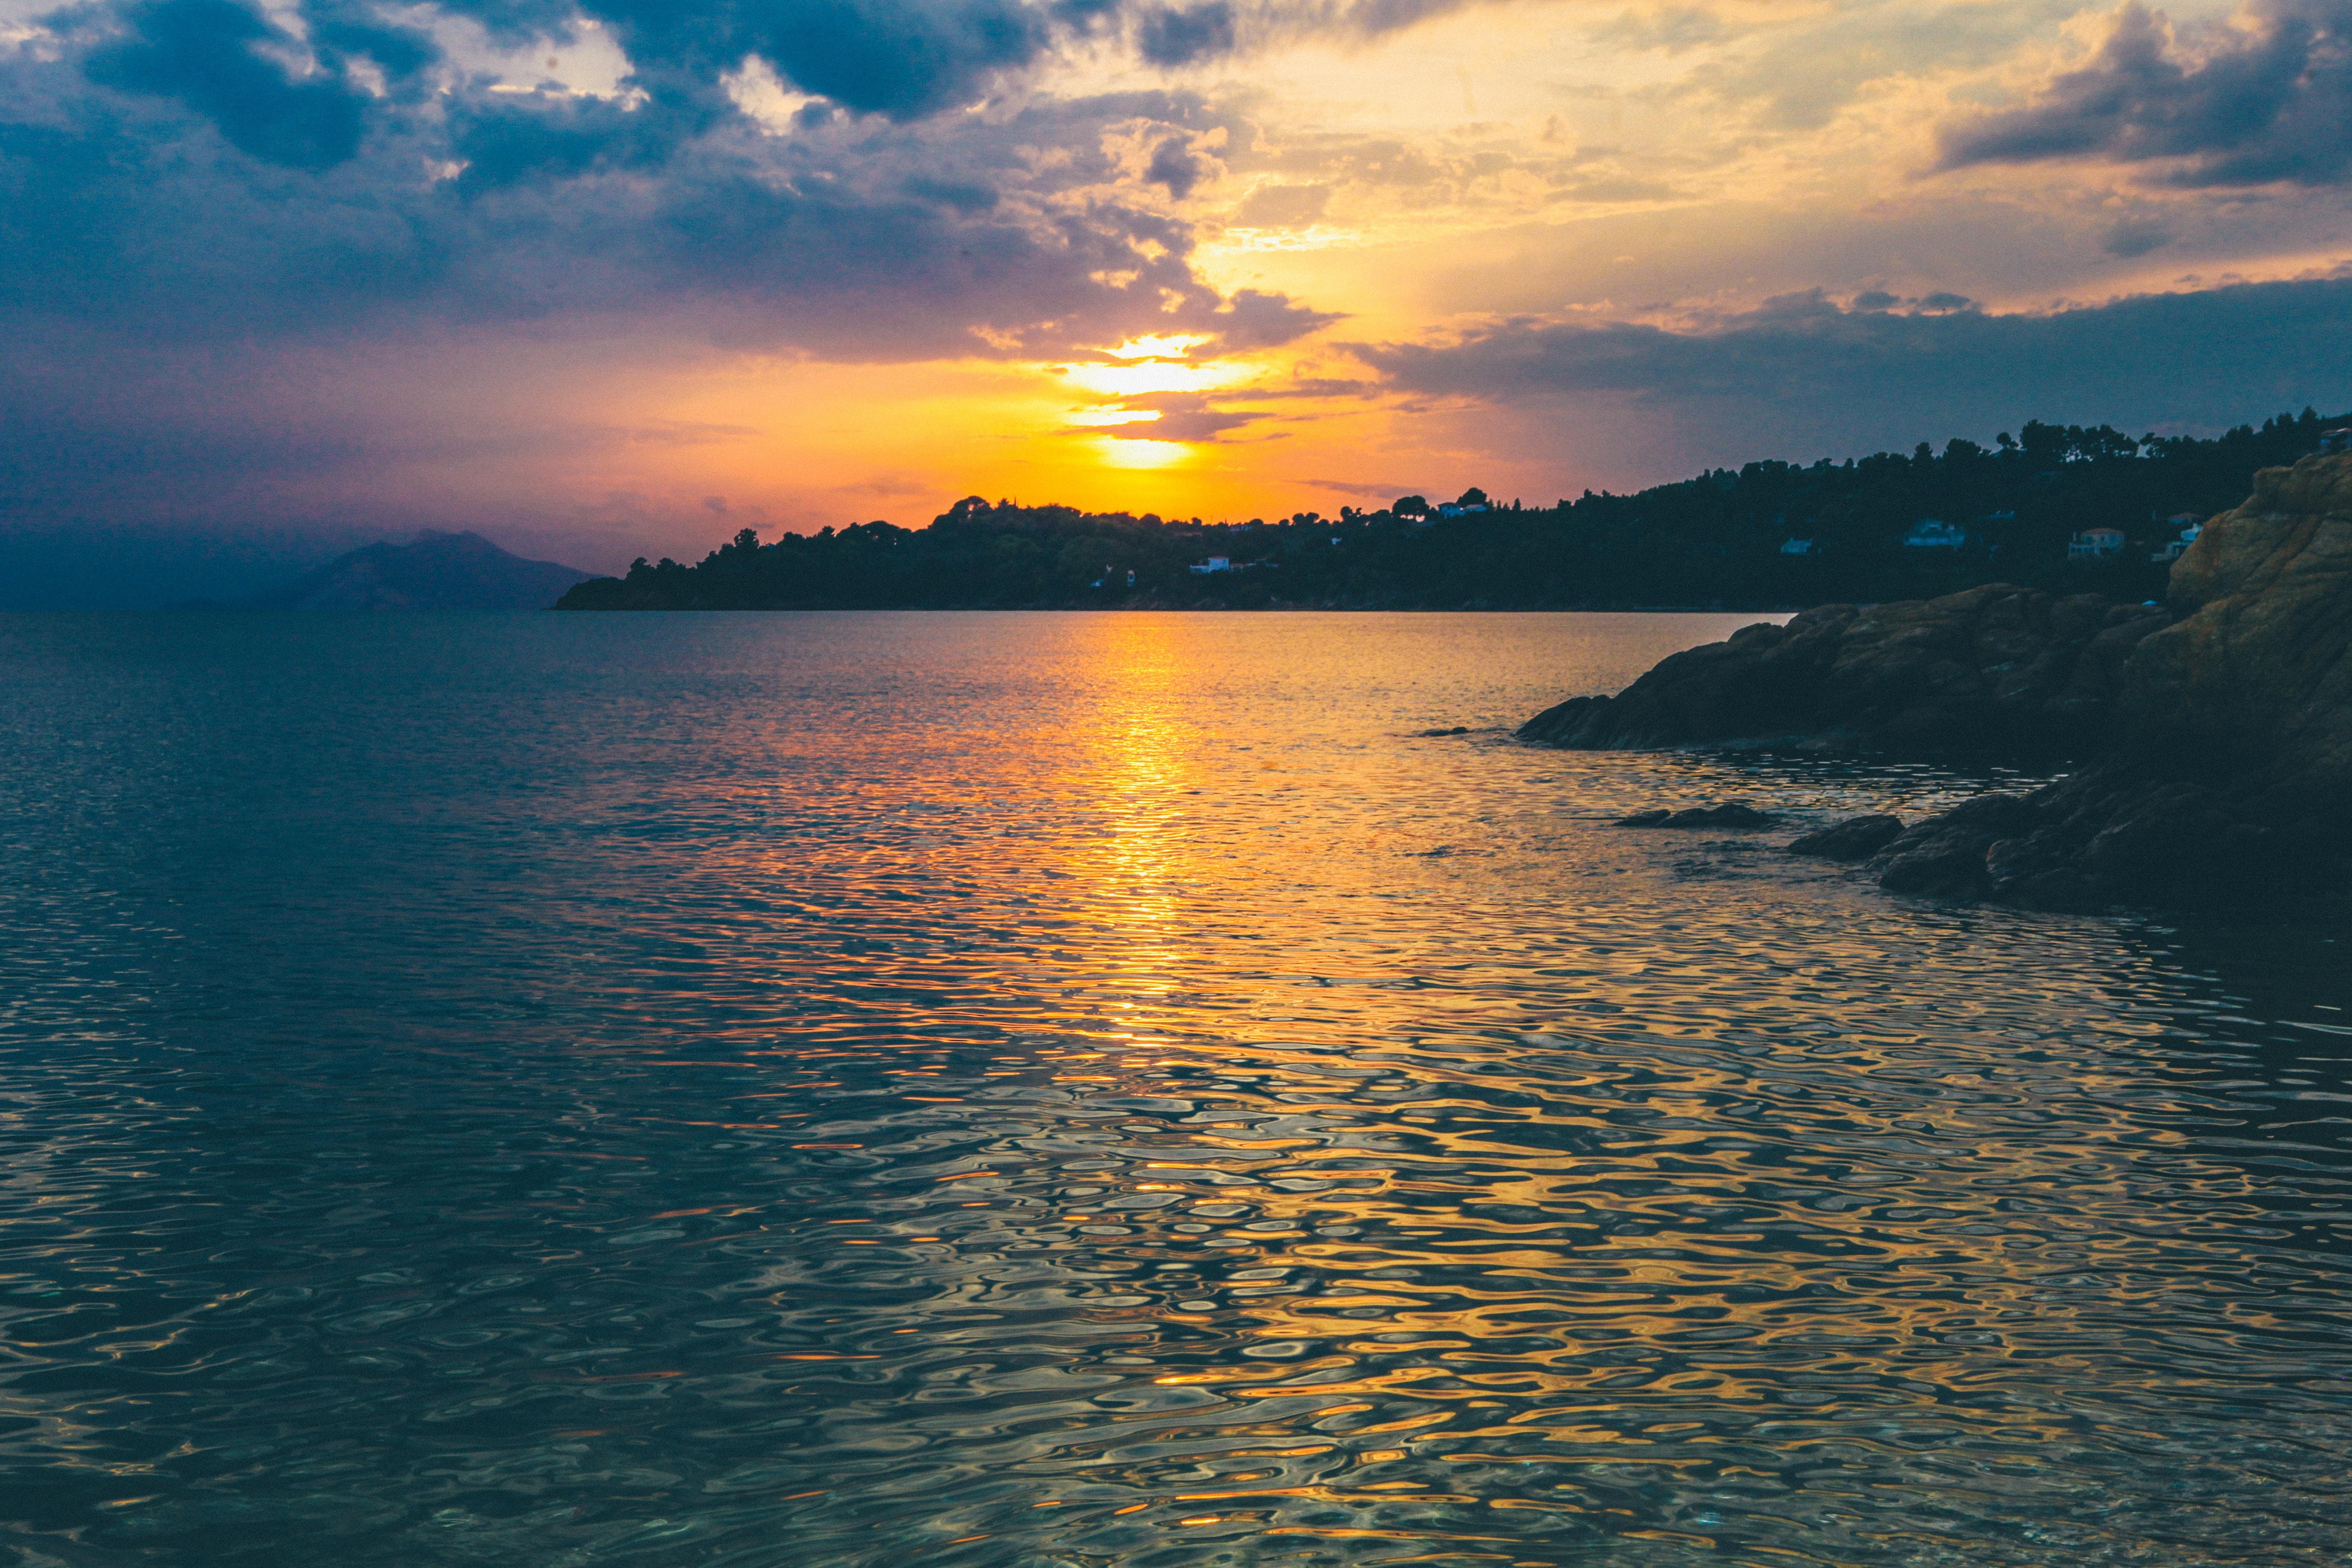 body of water beside shore